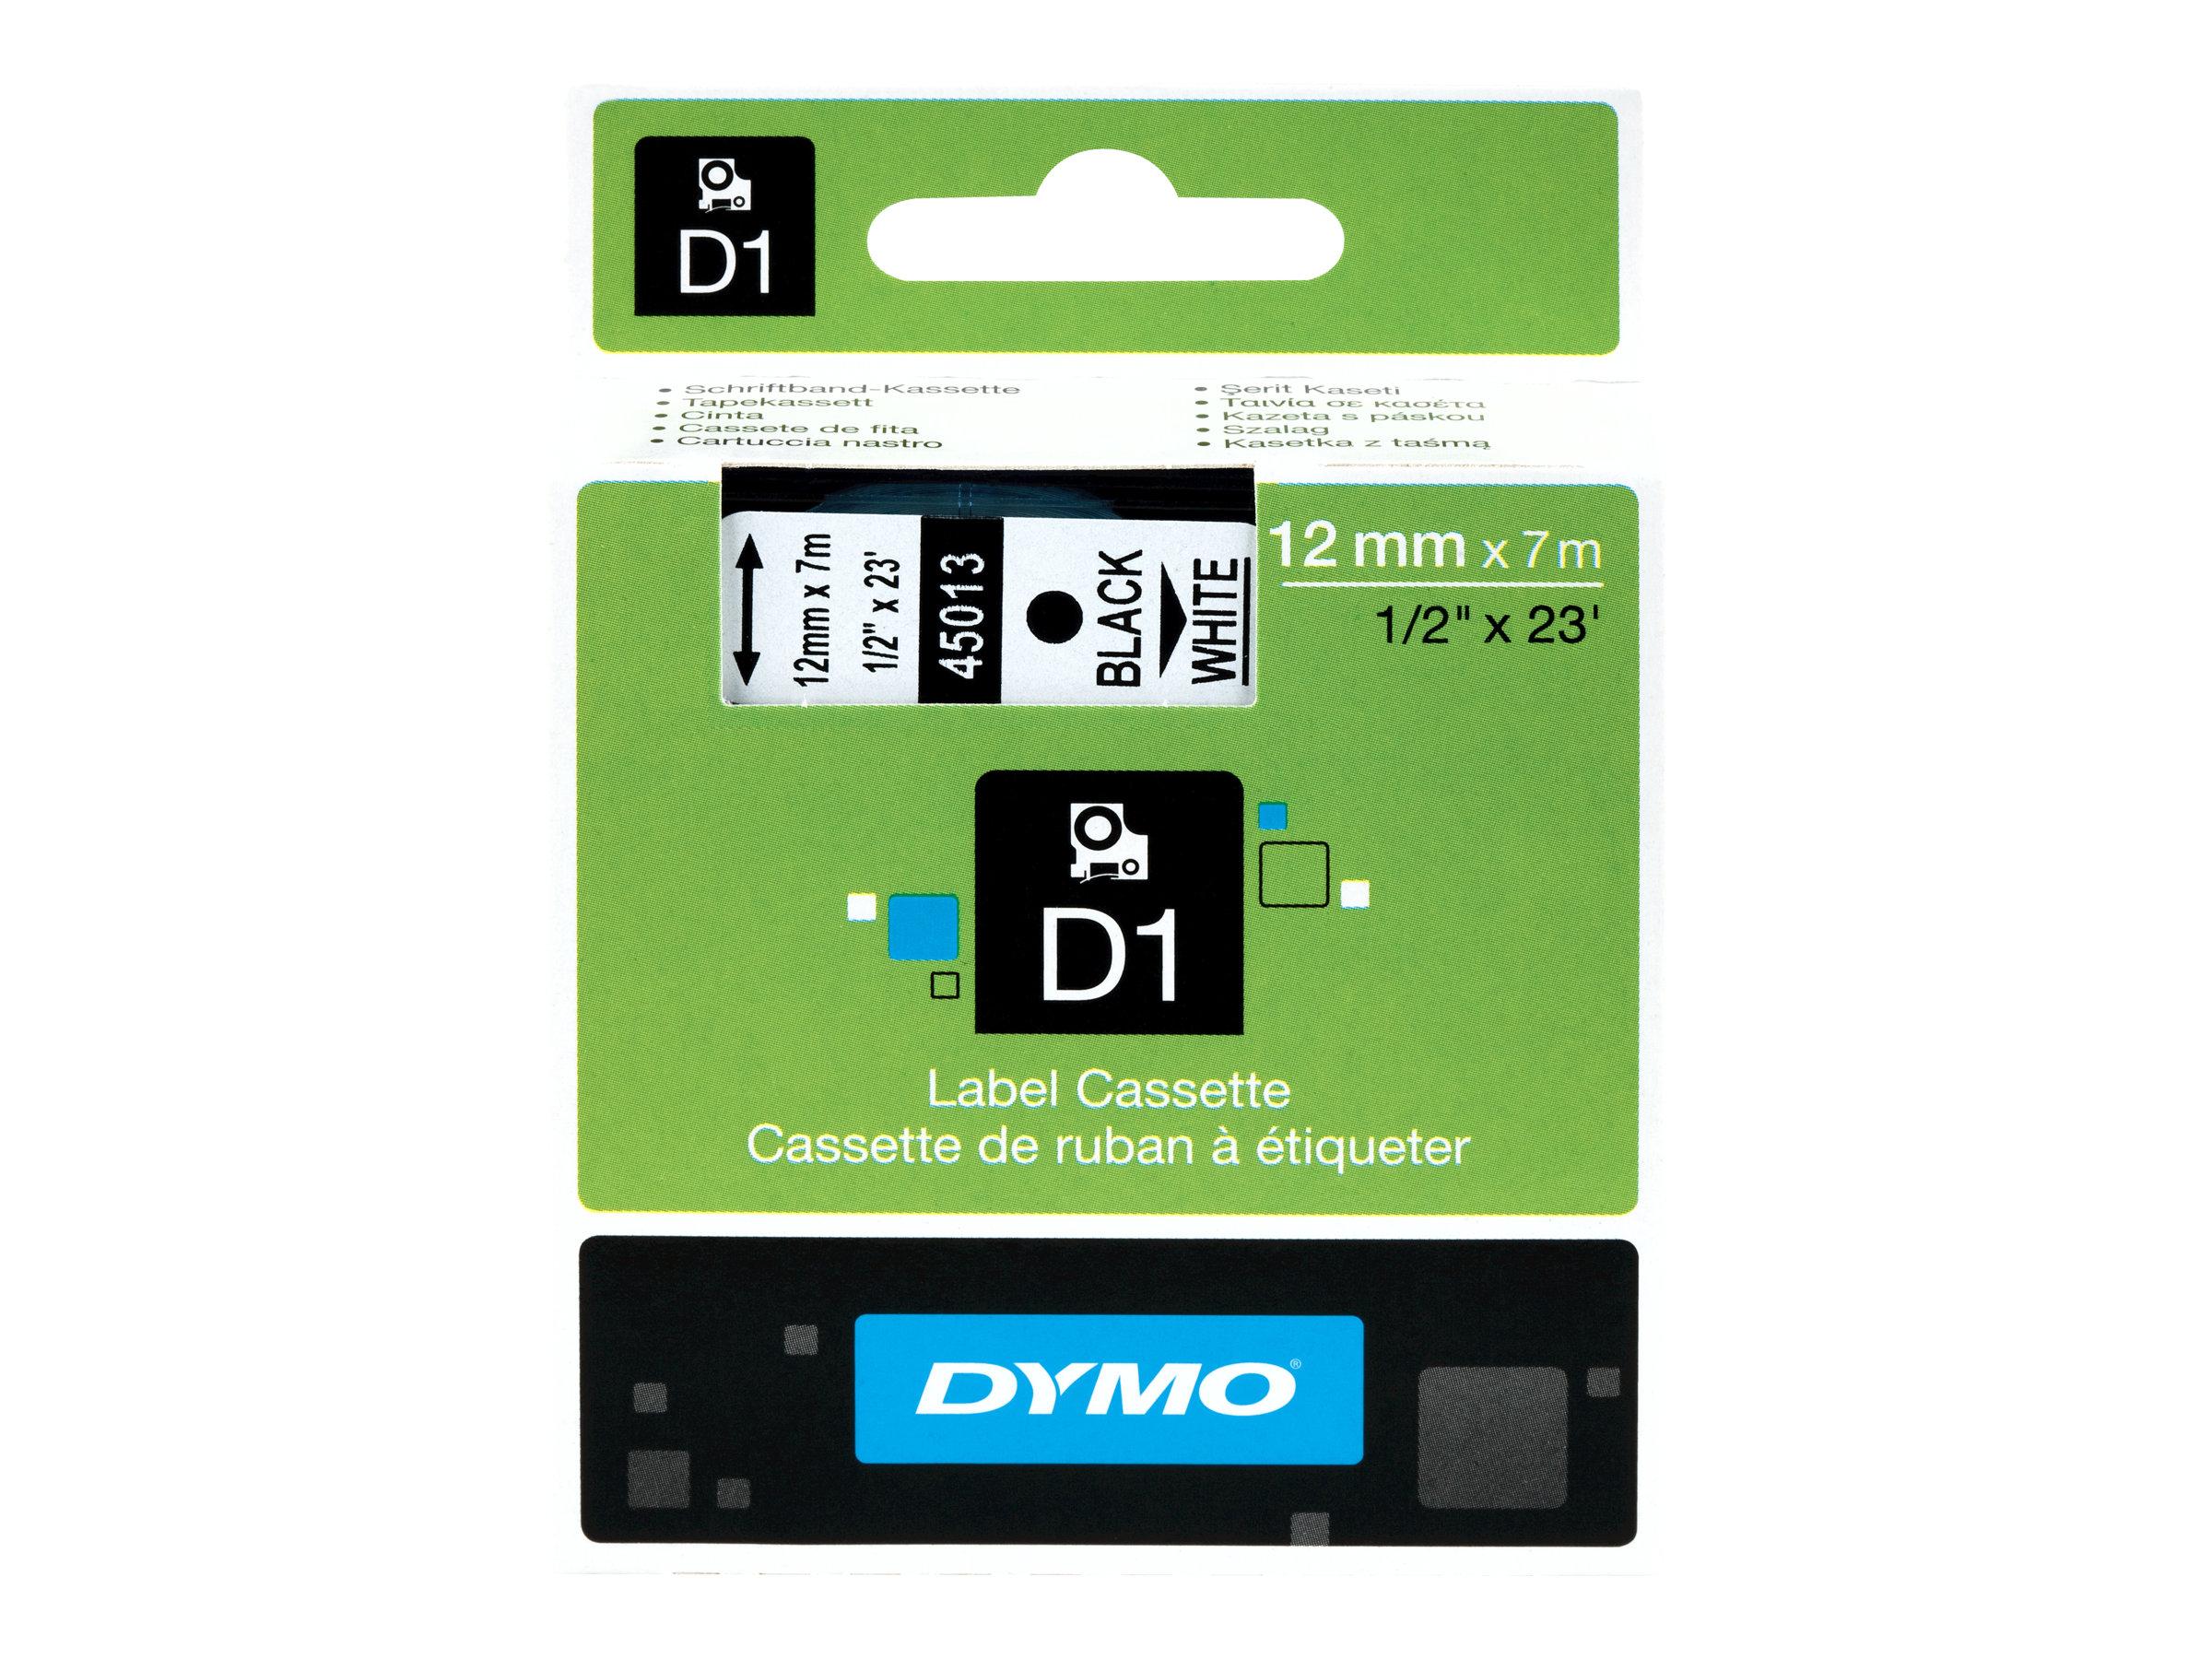 DYMO D1 - Selbstklebend - Weiss auf Schwarz - Rolle (1,2 cm x 7 m) 1 Rolle(n) Etikettenband - für LabelMANAGER 100, 160, 210, 22